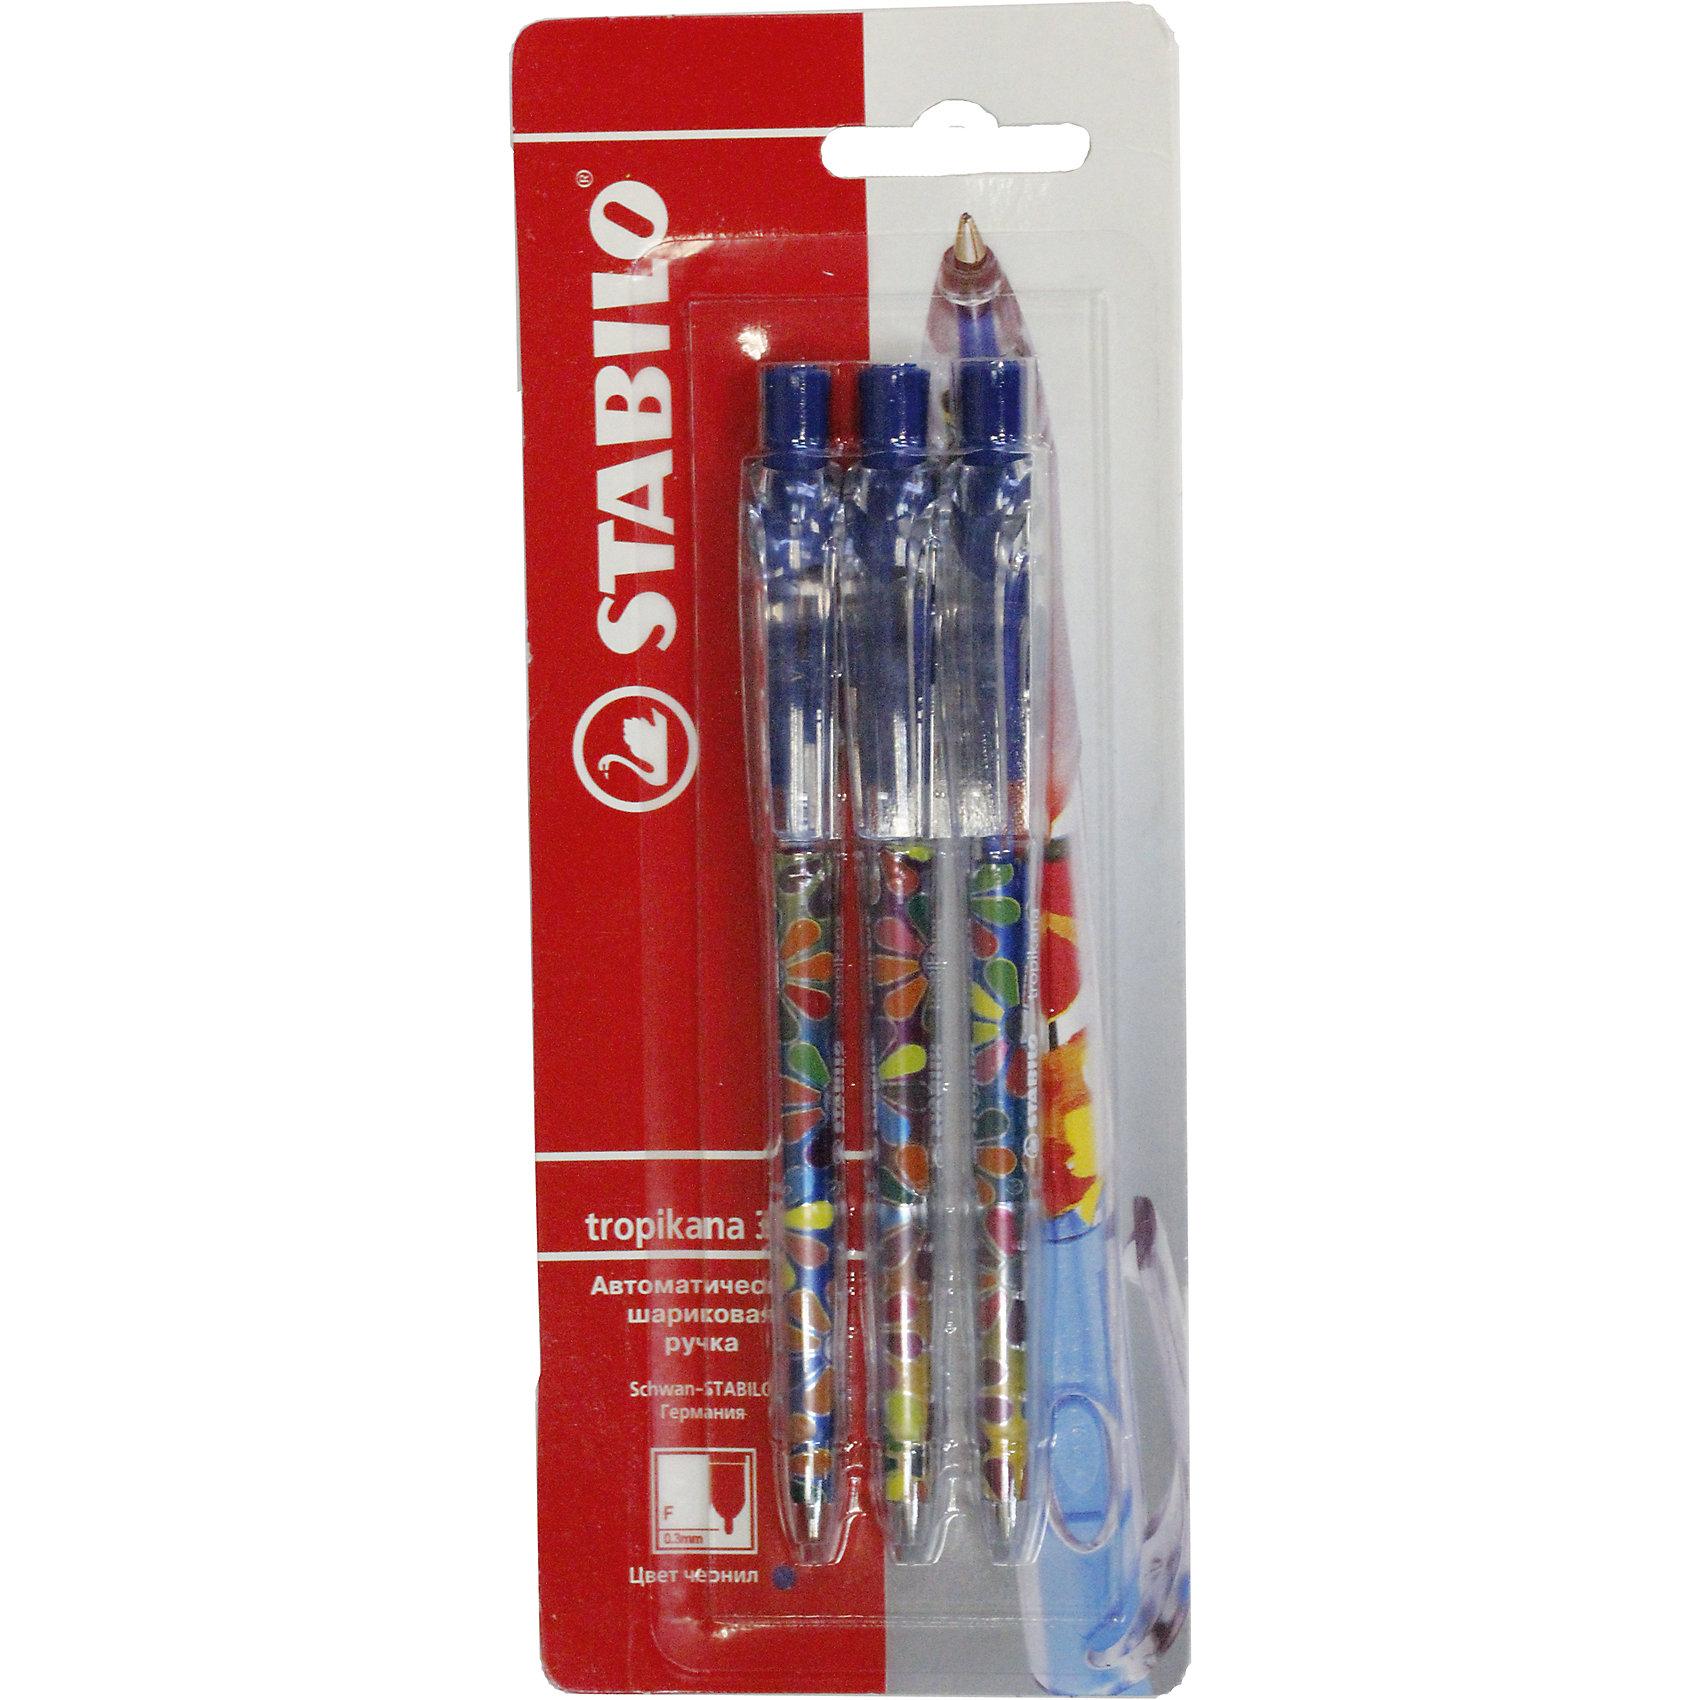 Ручка синяя, 3 шт.Ручка синяя, 3 шт. от марки Stabilo<br><br>Удобные немецкие ручки от компании Stabilo в прозрачном корпусе. Пишущий инструмент отличного качества! Автоматическая шариковая ручка имеет заменяемый стержень и надежный клип.<br>Отлично ложится в руке, пишет мягко. Дает аккуратную линию. Чернил хватает на долгое время! Чернила быстро сохнут. В наборе - три ручки. с синими чернилами и разными яркими корпусами.<br><br>Особенности данной модели:<br><br>ширина оставляемого следа: 0,3 мм;<br>цвет корпуса: разноцветный.<br><br>Ручка синяя, 3 шт. от марки Stabilo можно купить в нашем магазине.<br><br>Ширина мм: 204<br>Глубина мм: 80<br>Высота мм: 10<br>Вес г: 9<br>Возраст от месяцев: 36<br>Возраст до месяцев: 2147483647<br>Пол: Унисекс<br>Возраст: Детский<br>SKU: 4684727